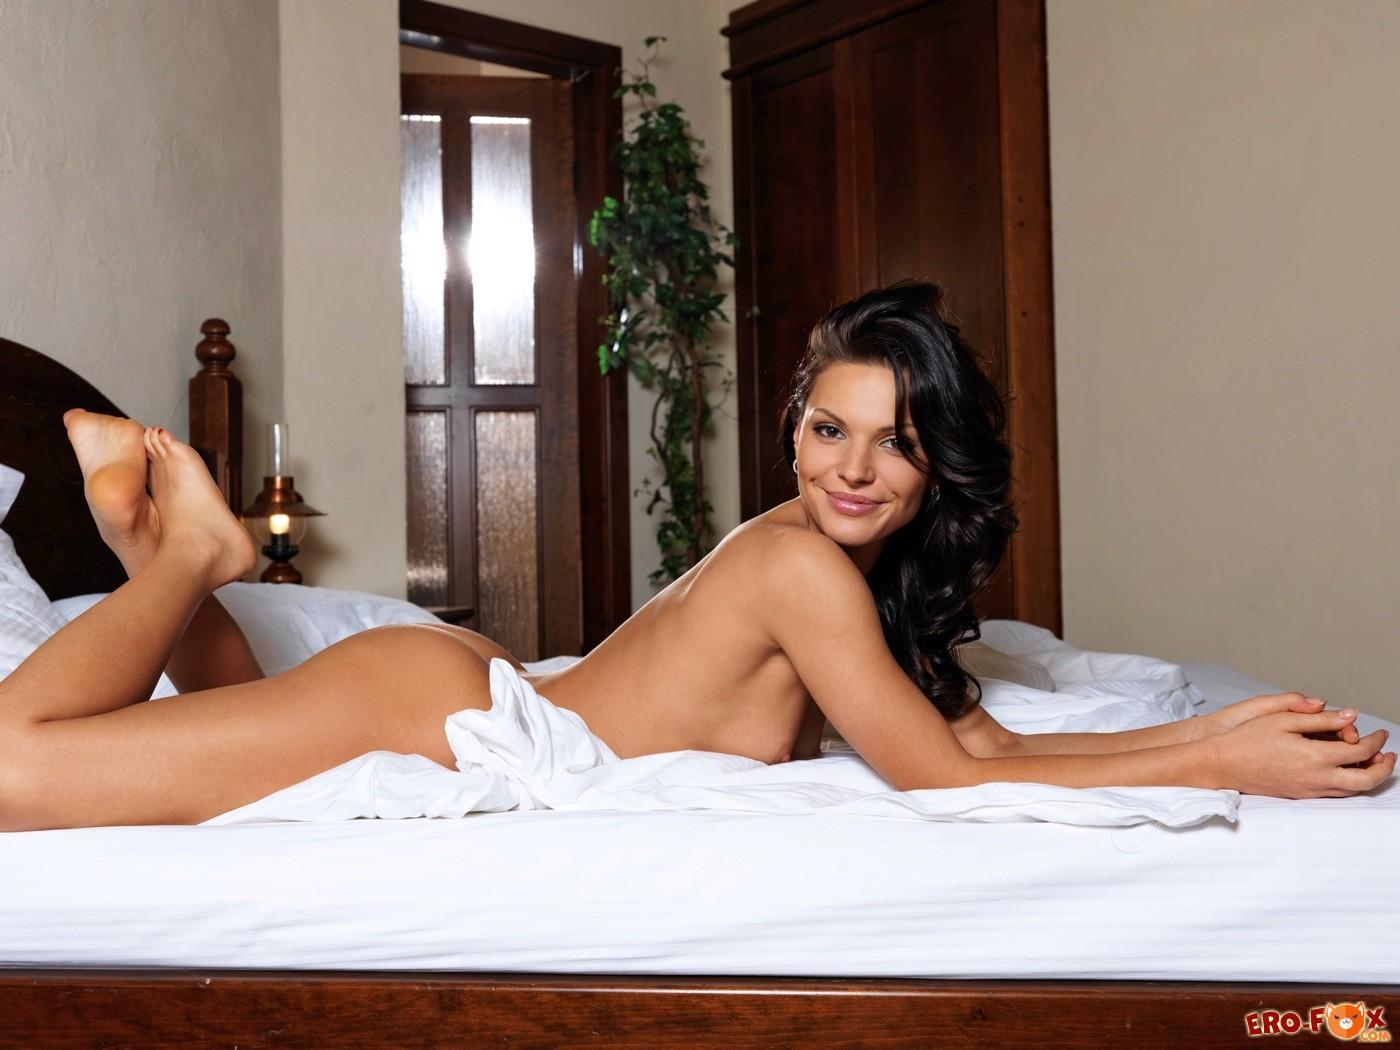 Голая брюнетка без трусов сняла колготки в постели - фото